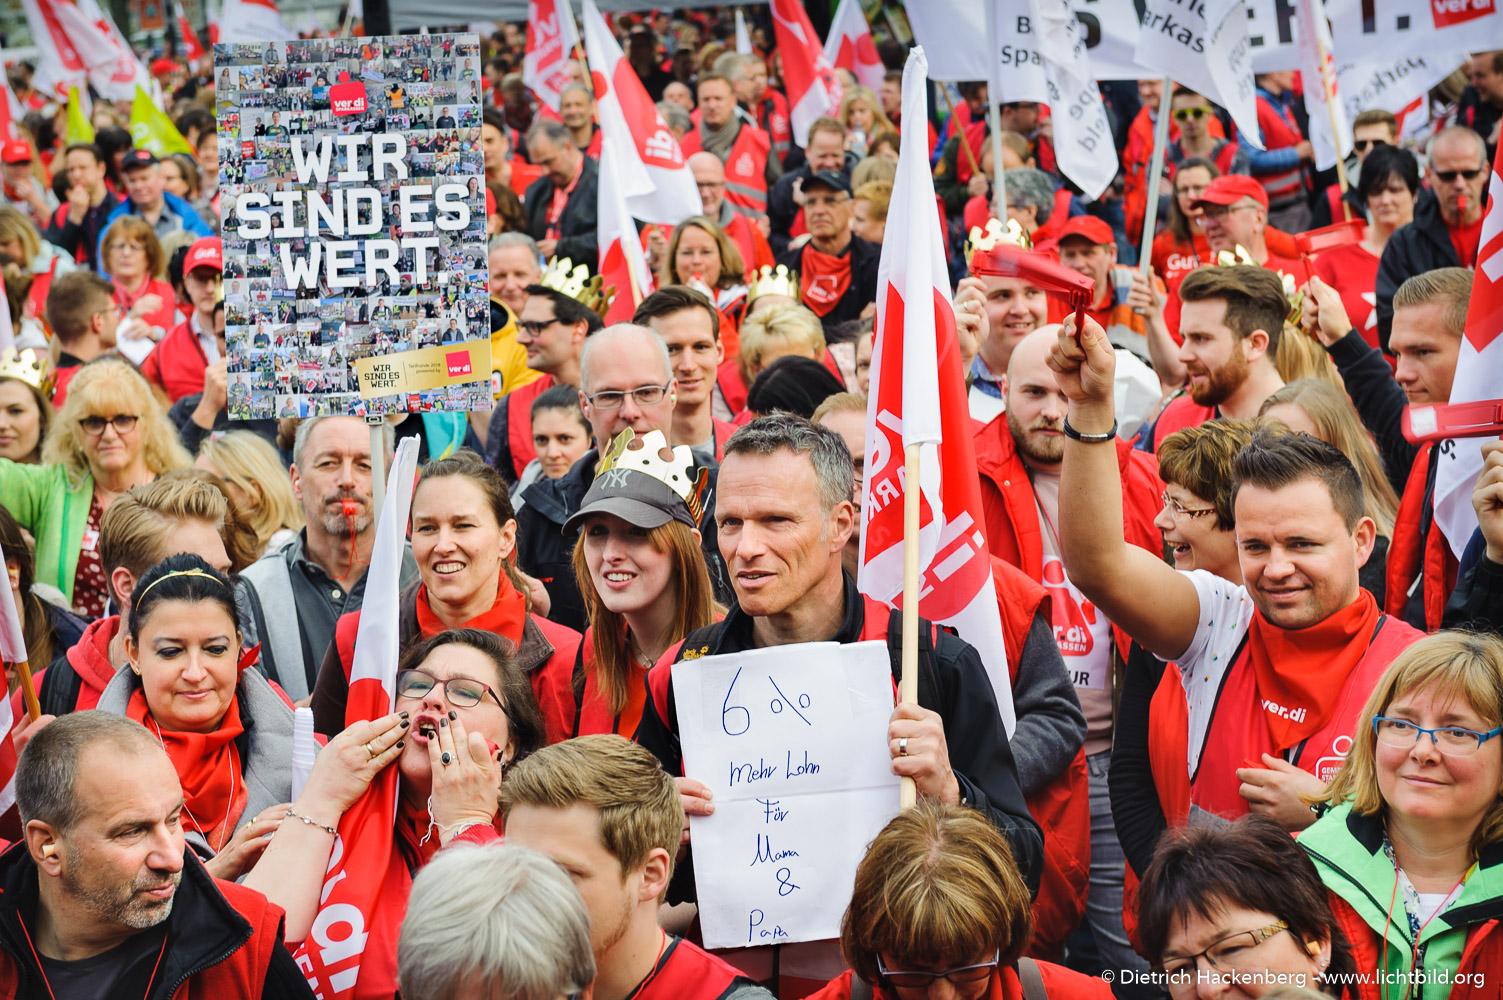 Streikende der Sparkassen. verdi Streikveranstaltung Öffentlicher Dienst, Dortmund am 10.04.2018. Foto Dietrich Hackenberg